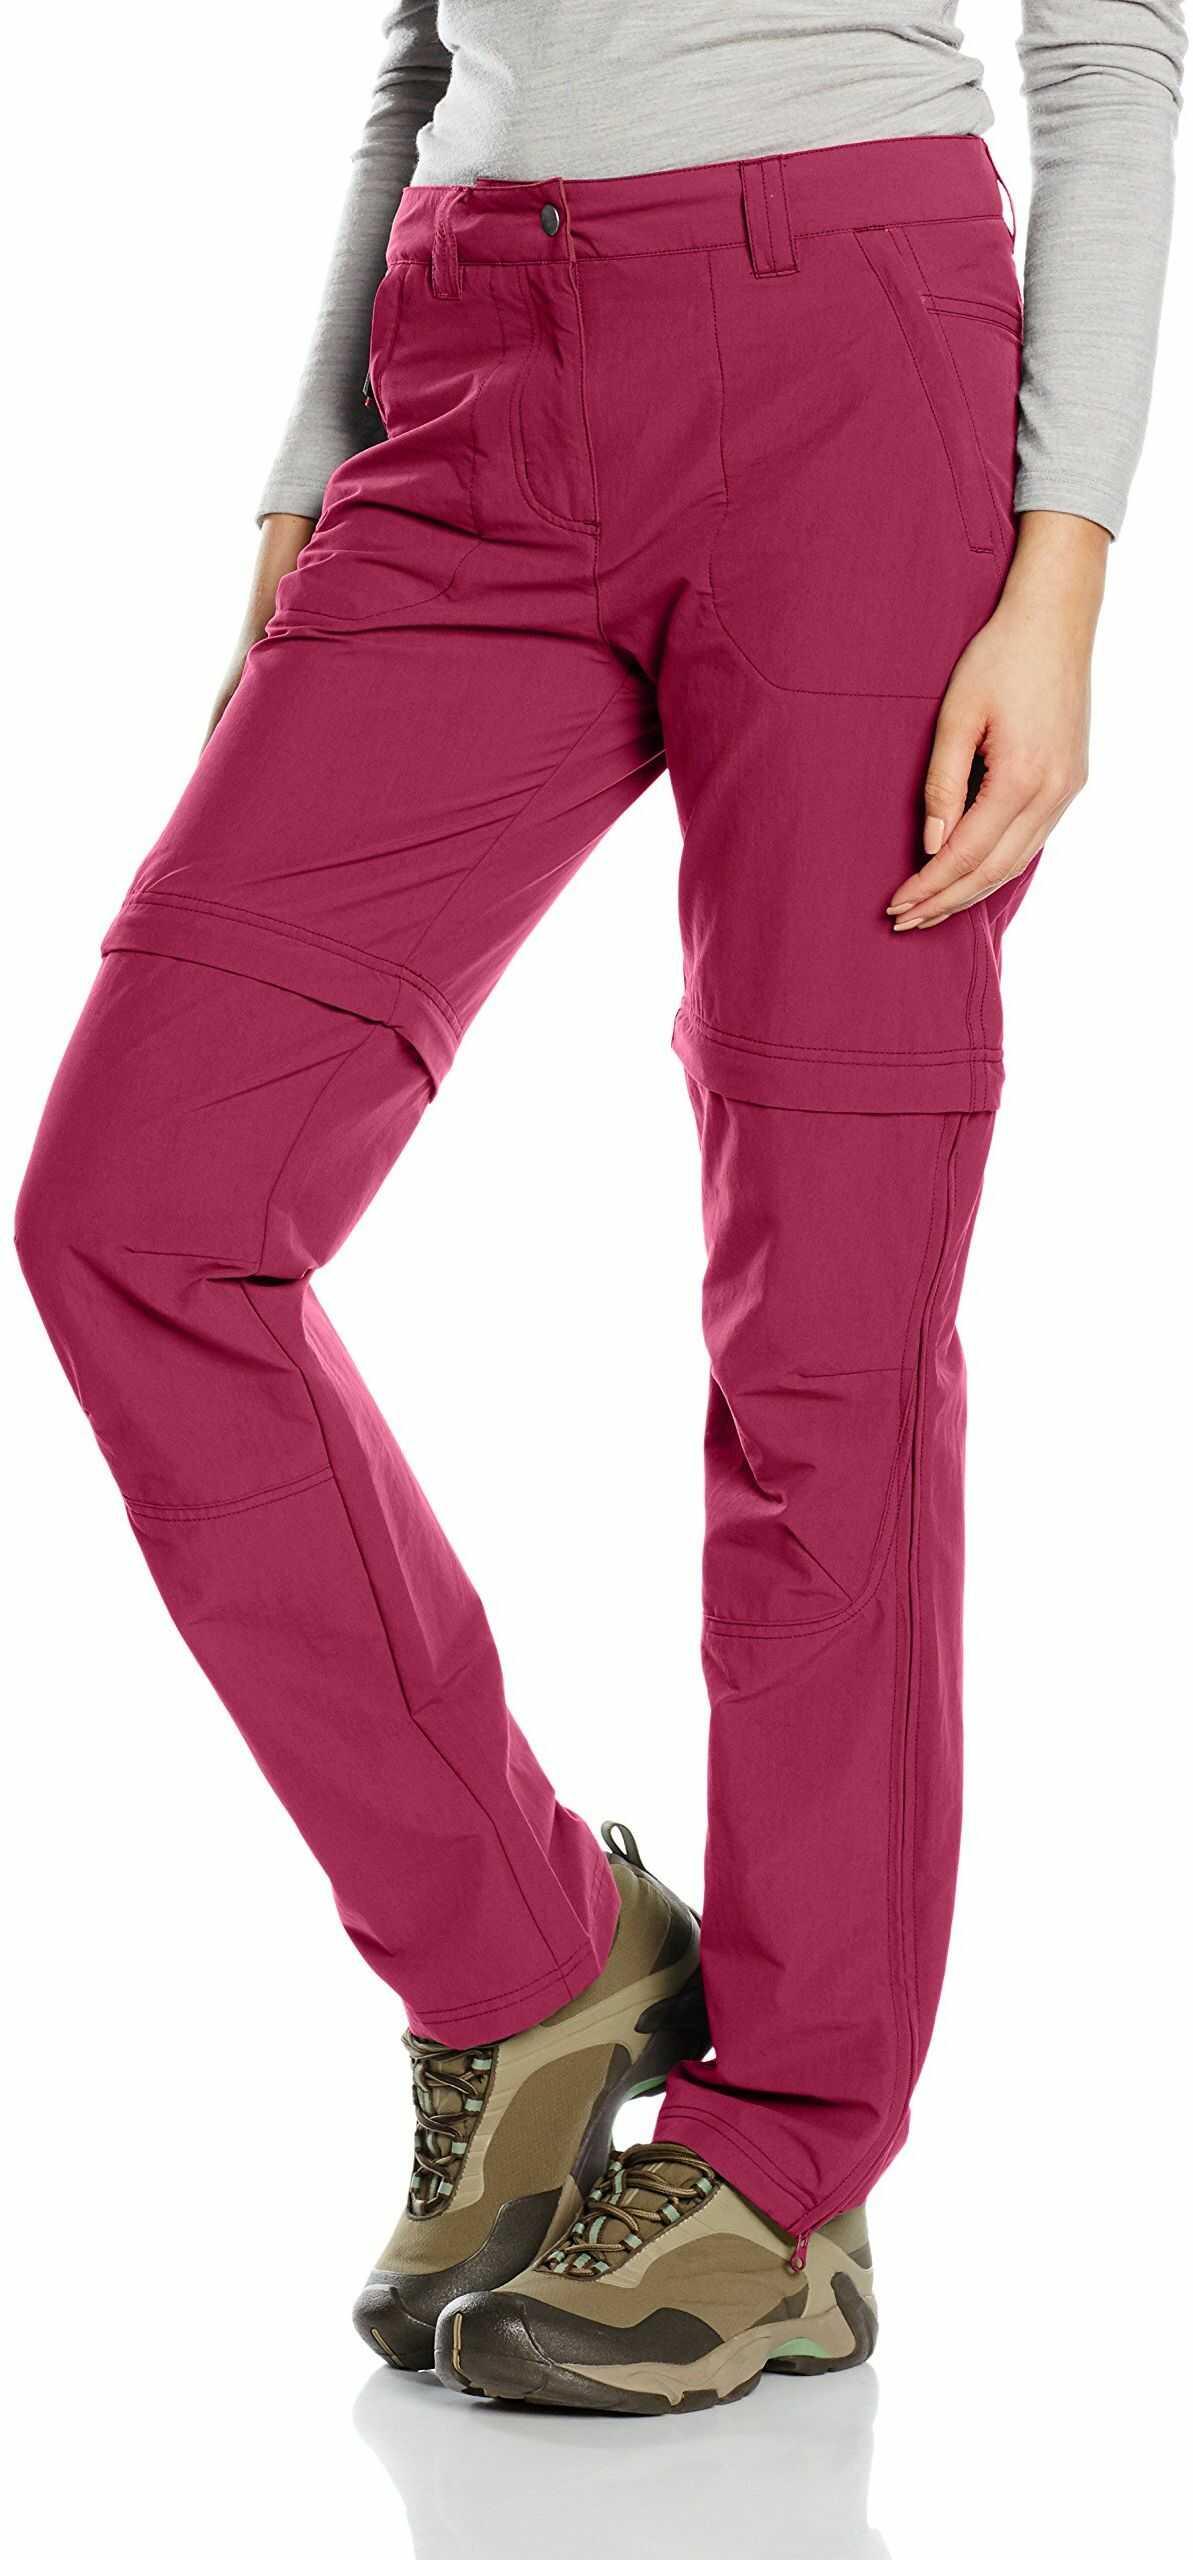 Salewa damskie spodnie trekkingowe Fanes Valpar, 2/1 REG, Red Onion, 44